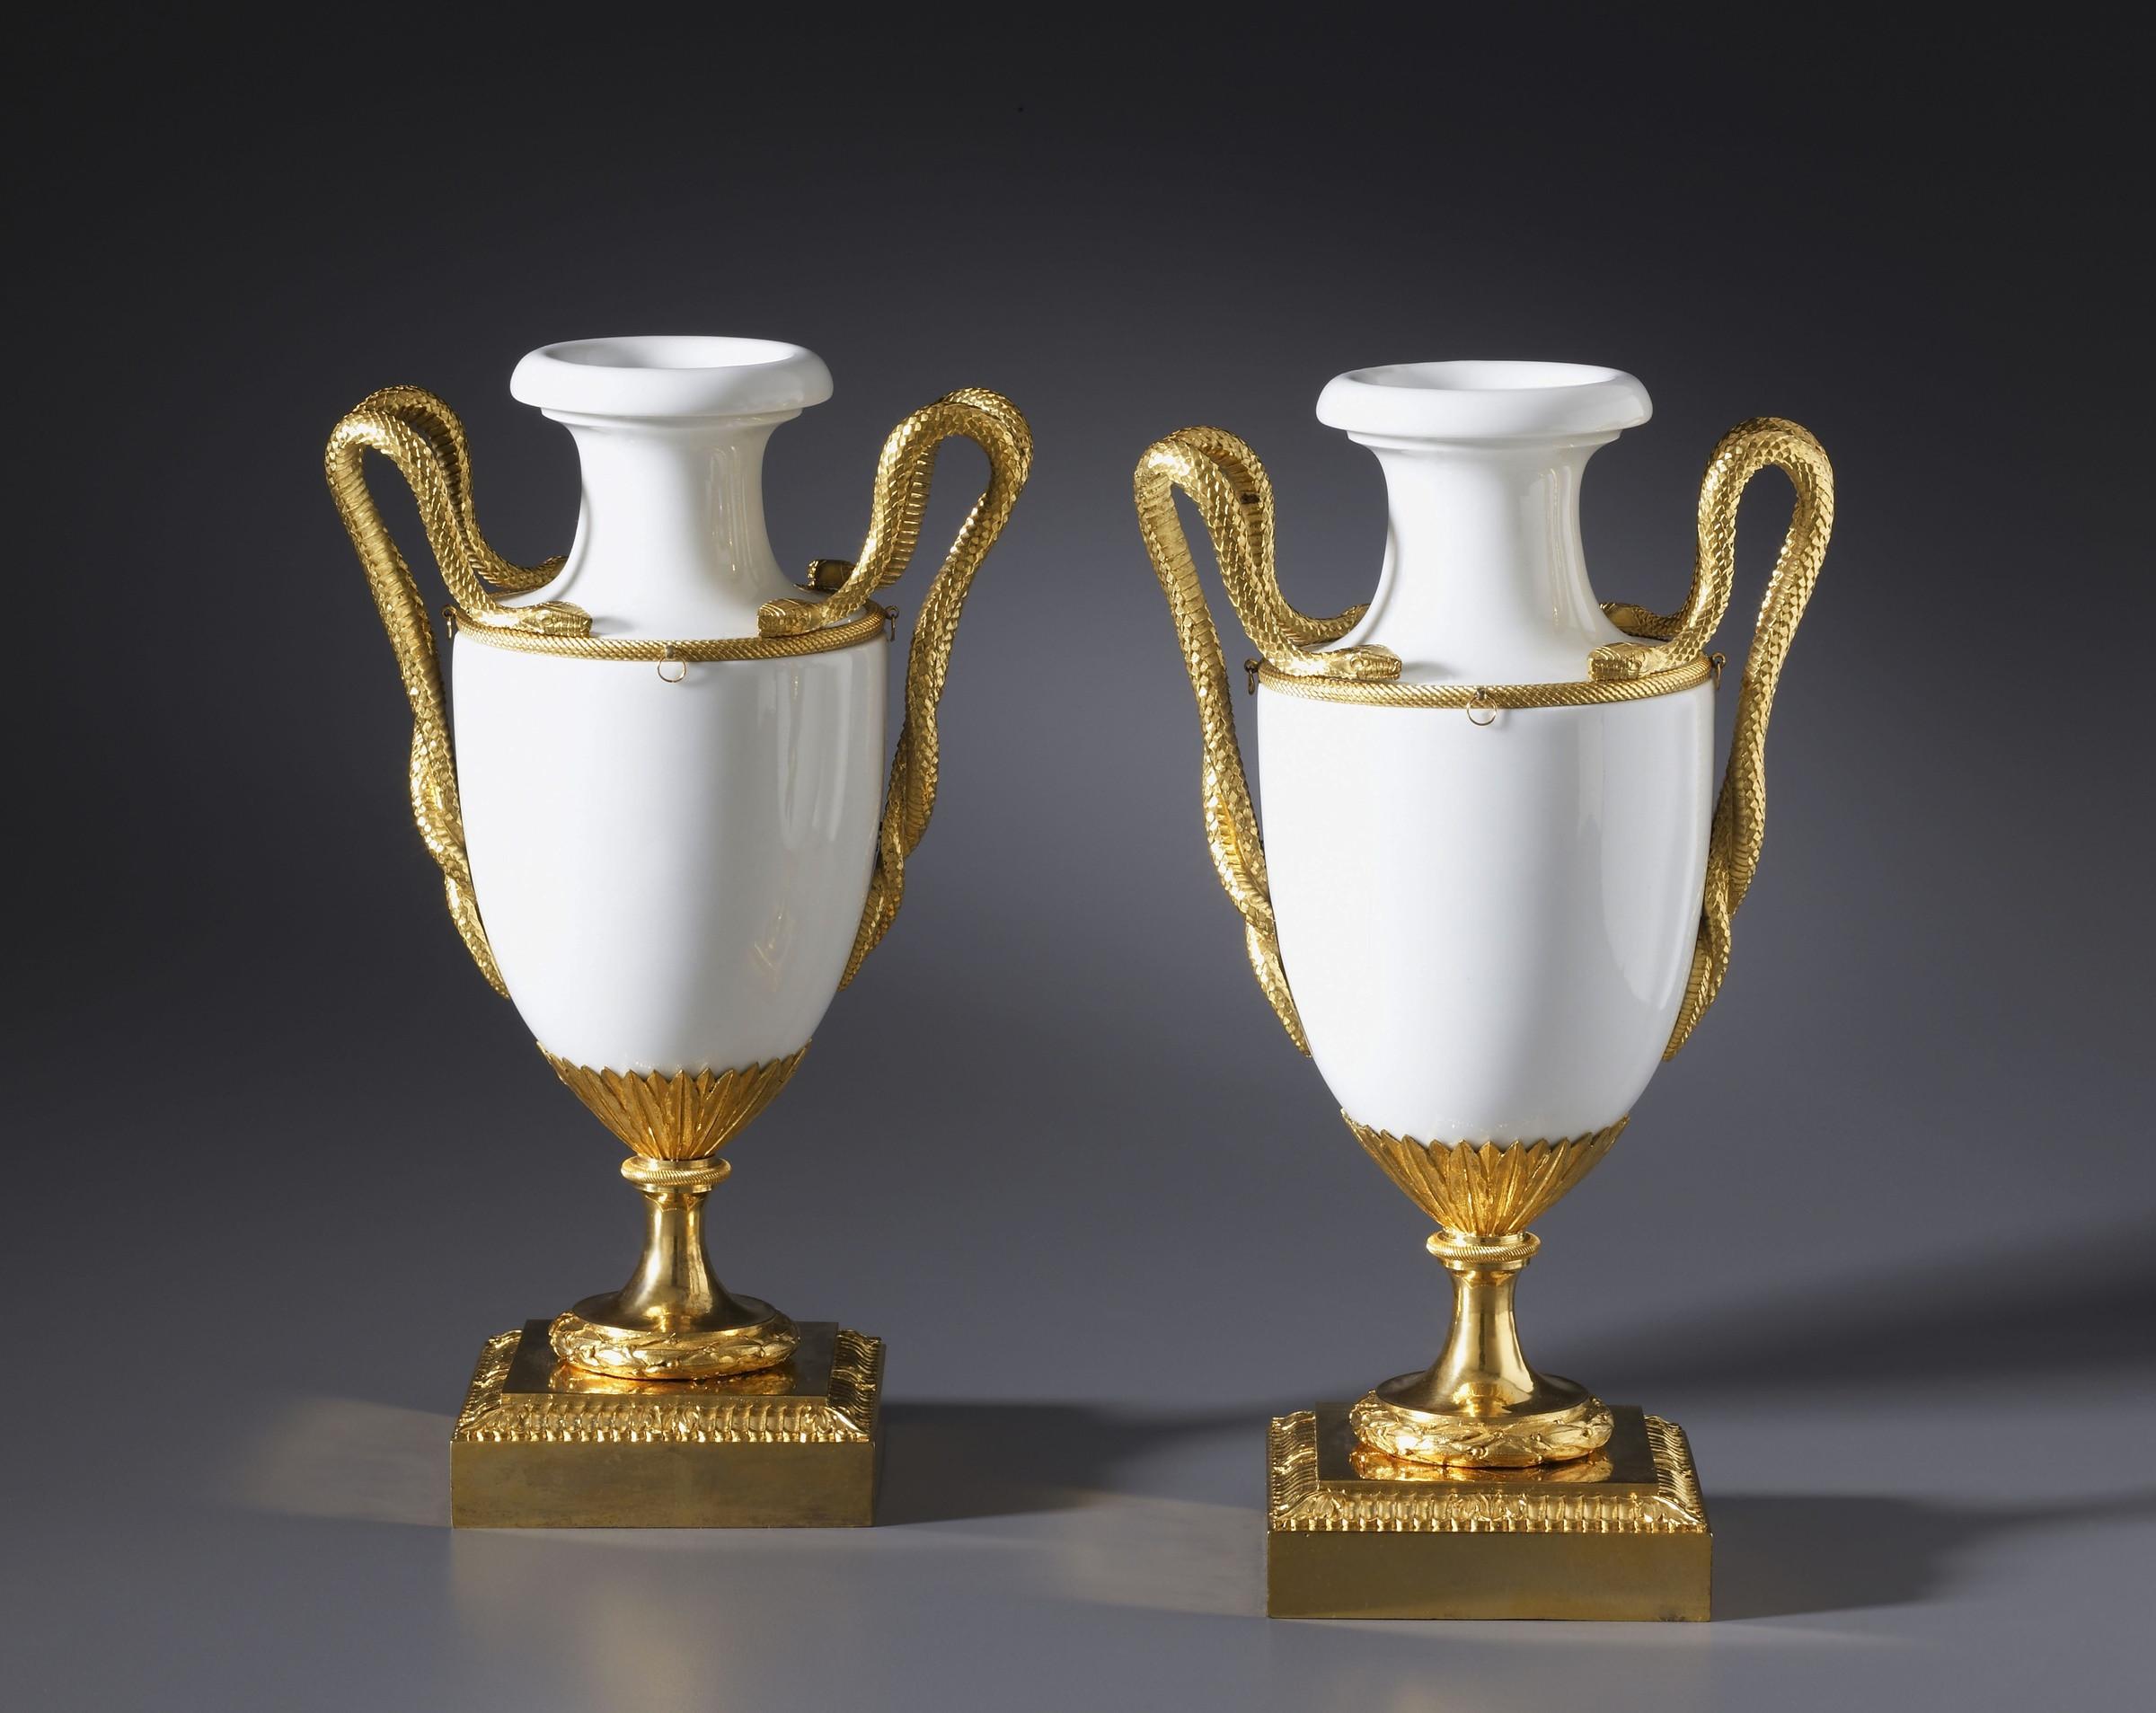 antique french porcelain vases of locra a pair of louis xvi vases by locra fabrique de la courtille pertaining to a pair of louis xvi vases by locra fabrique de la courtille